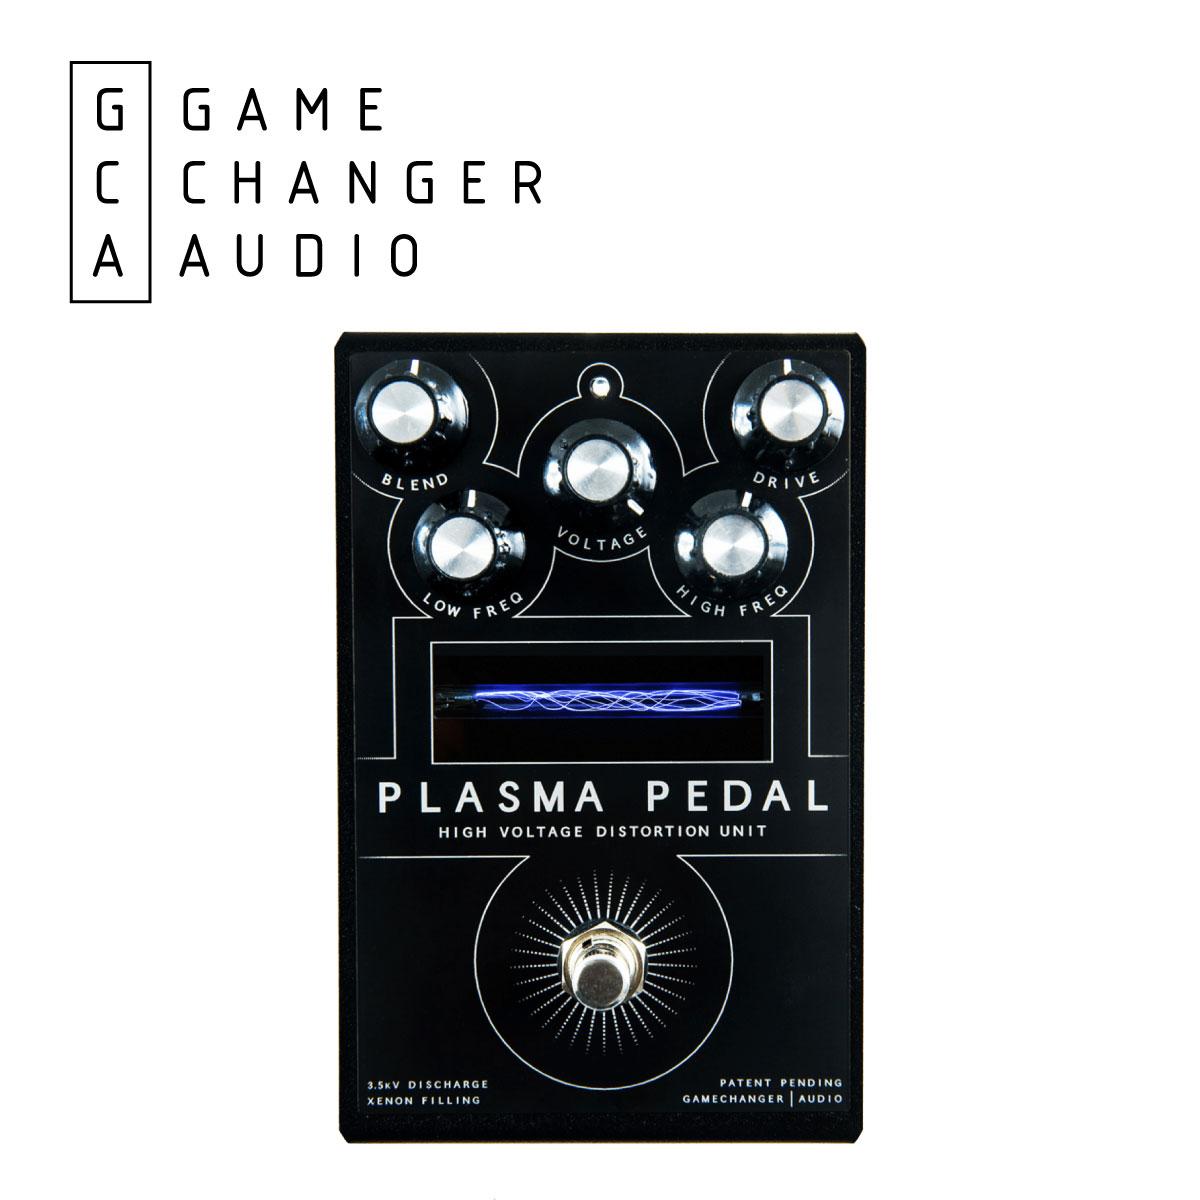 お取り寄せ商品の為 発送日は別途ご連絡致します Game Changer Audio PLASMA Pedal 新品 エフェクター オーバードライブ Overdrive 手数料無料 Effector ディストーション Distortion 安い 激安 プチプラ 高品質 ゲームチェンジャーオーディオ